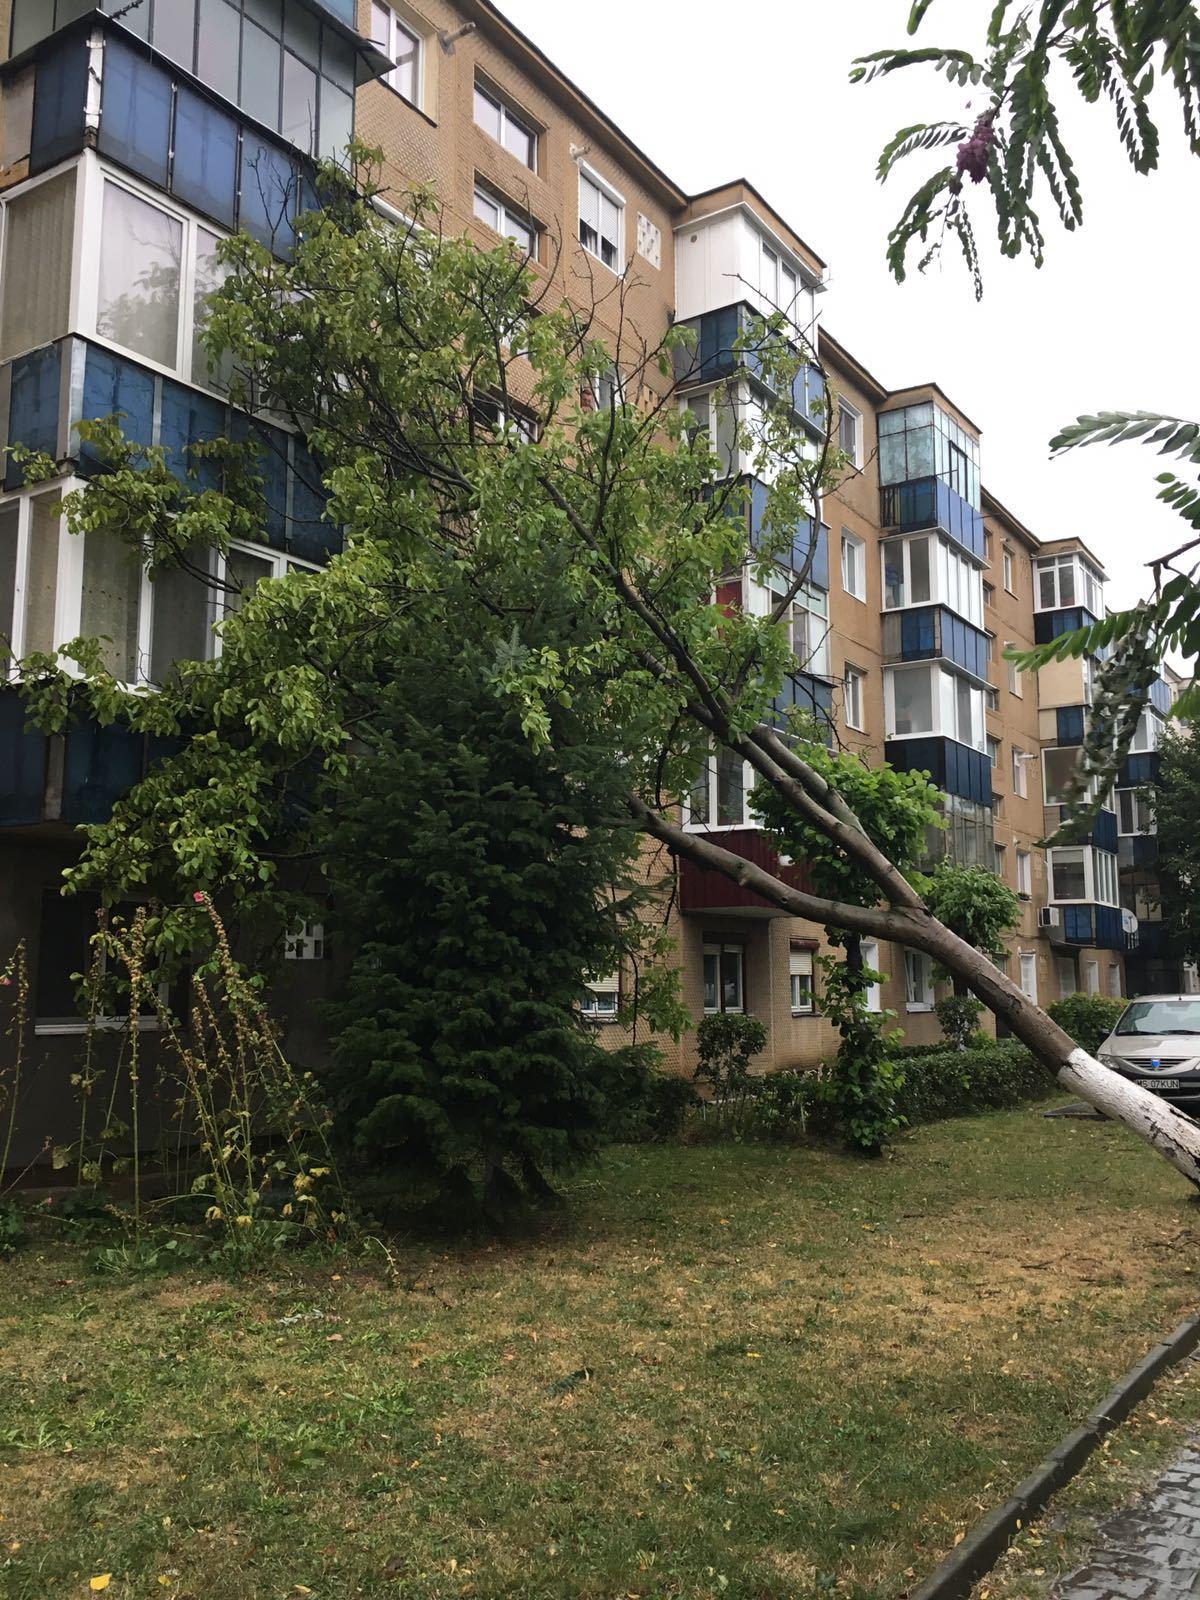 IGSU: Nouă localităţi din şapte judeţe şi Bucureşti, afectate de furtuni în ultimele 24 de ore. Copaci căzuţi peste un restaurant, o  gradiniţă sau cabluri electrice